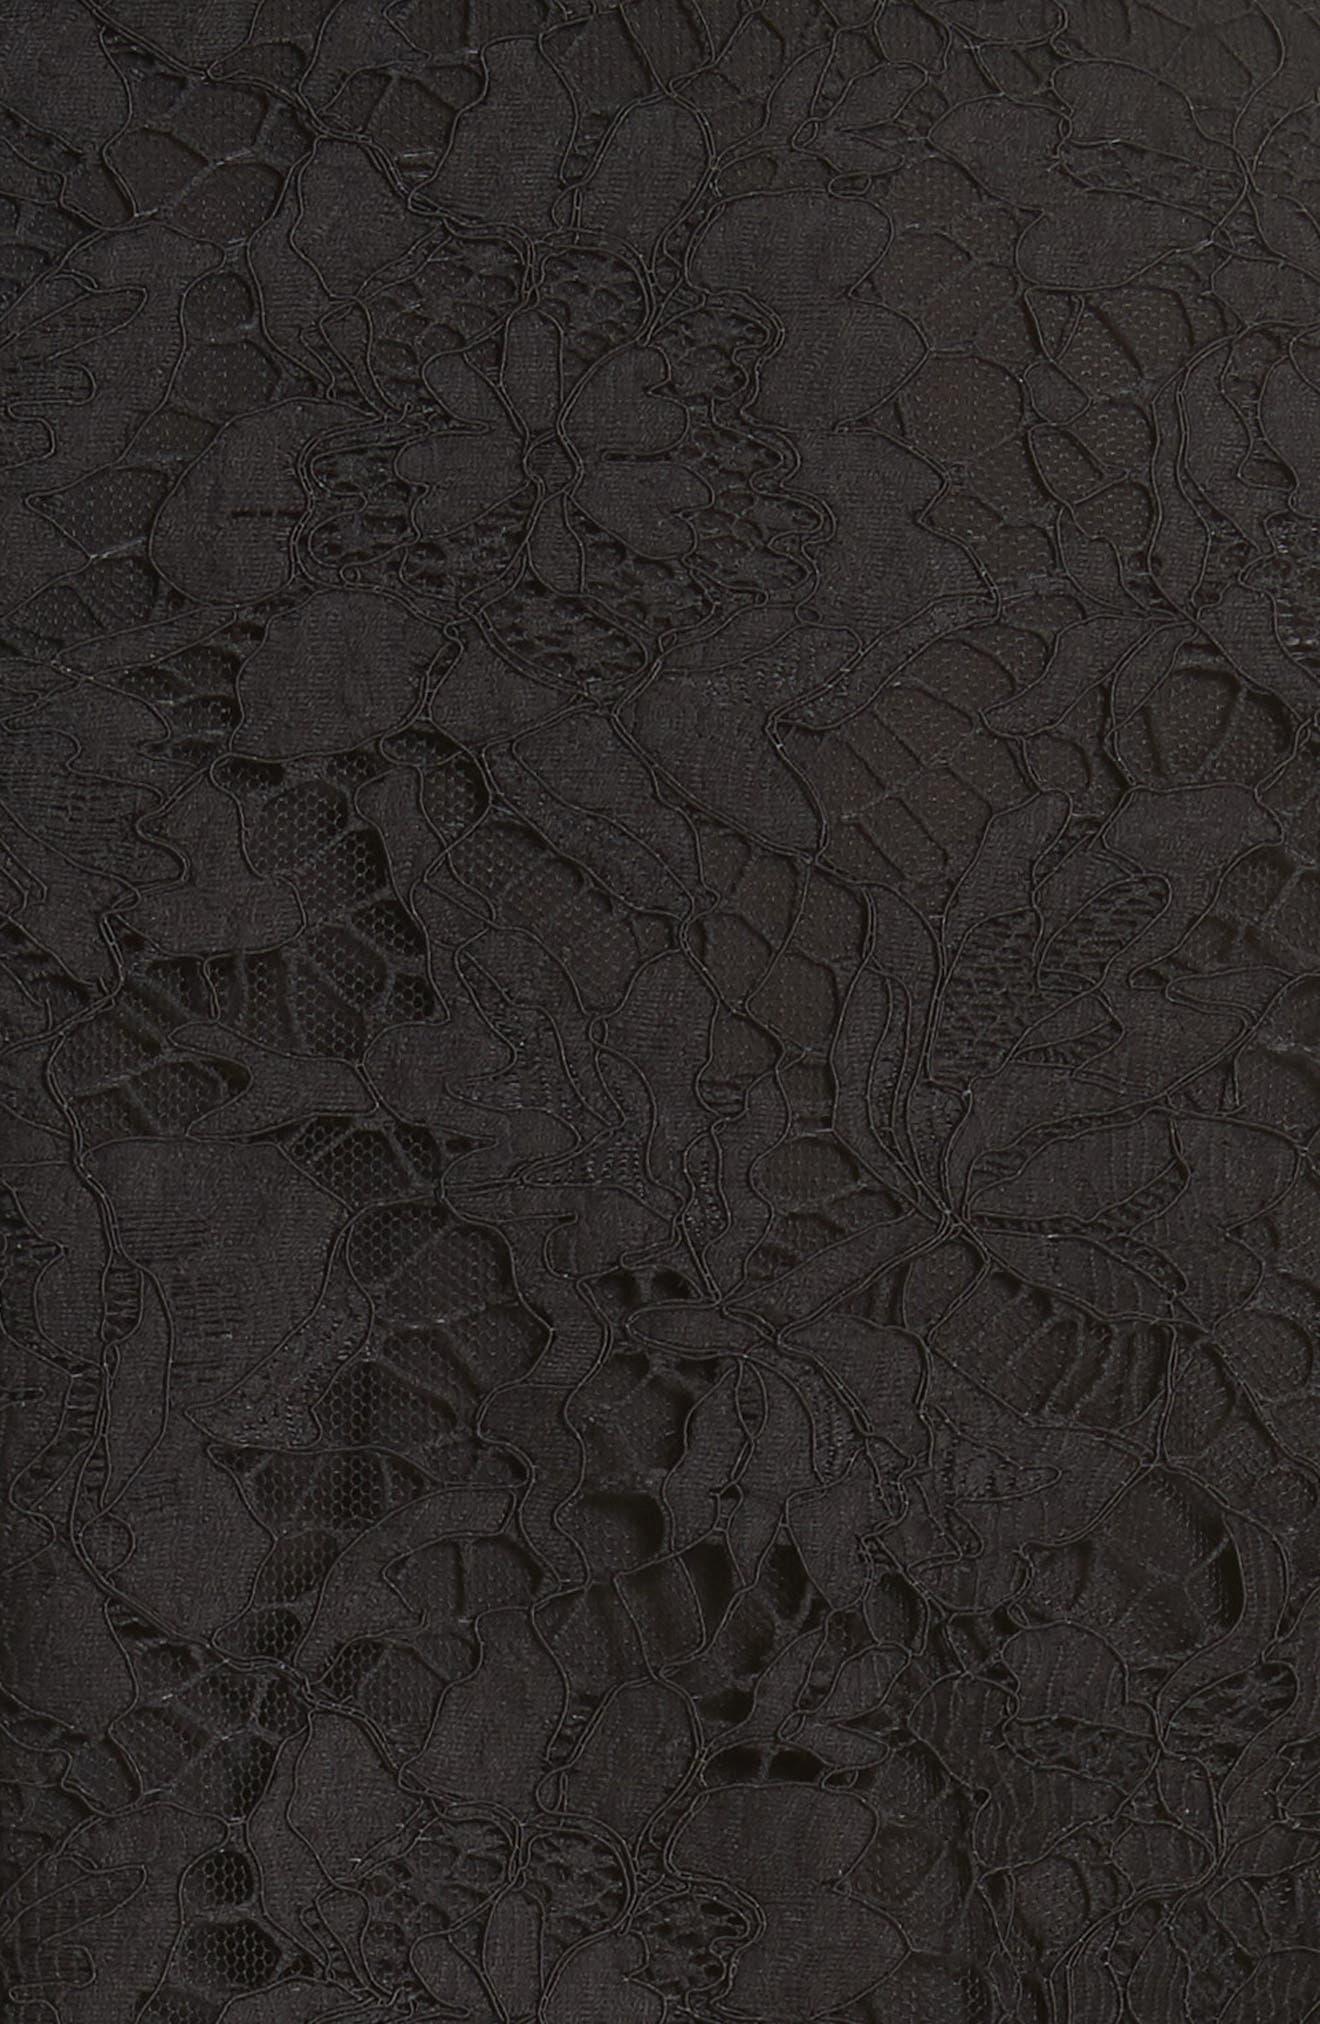 Ruffle Hem Lace Dress,                             Alternate thumbnail 5, color,                             Black